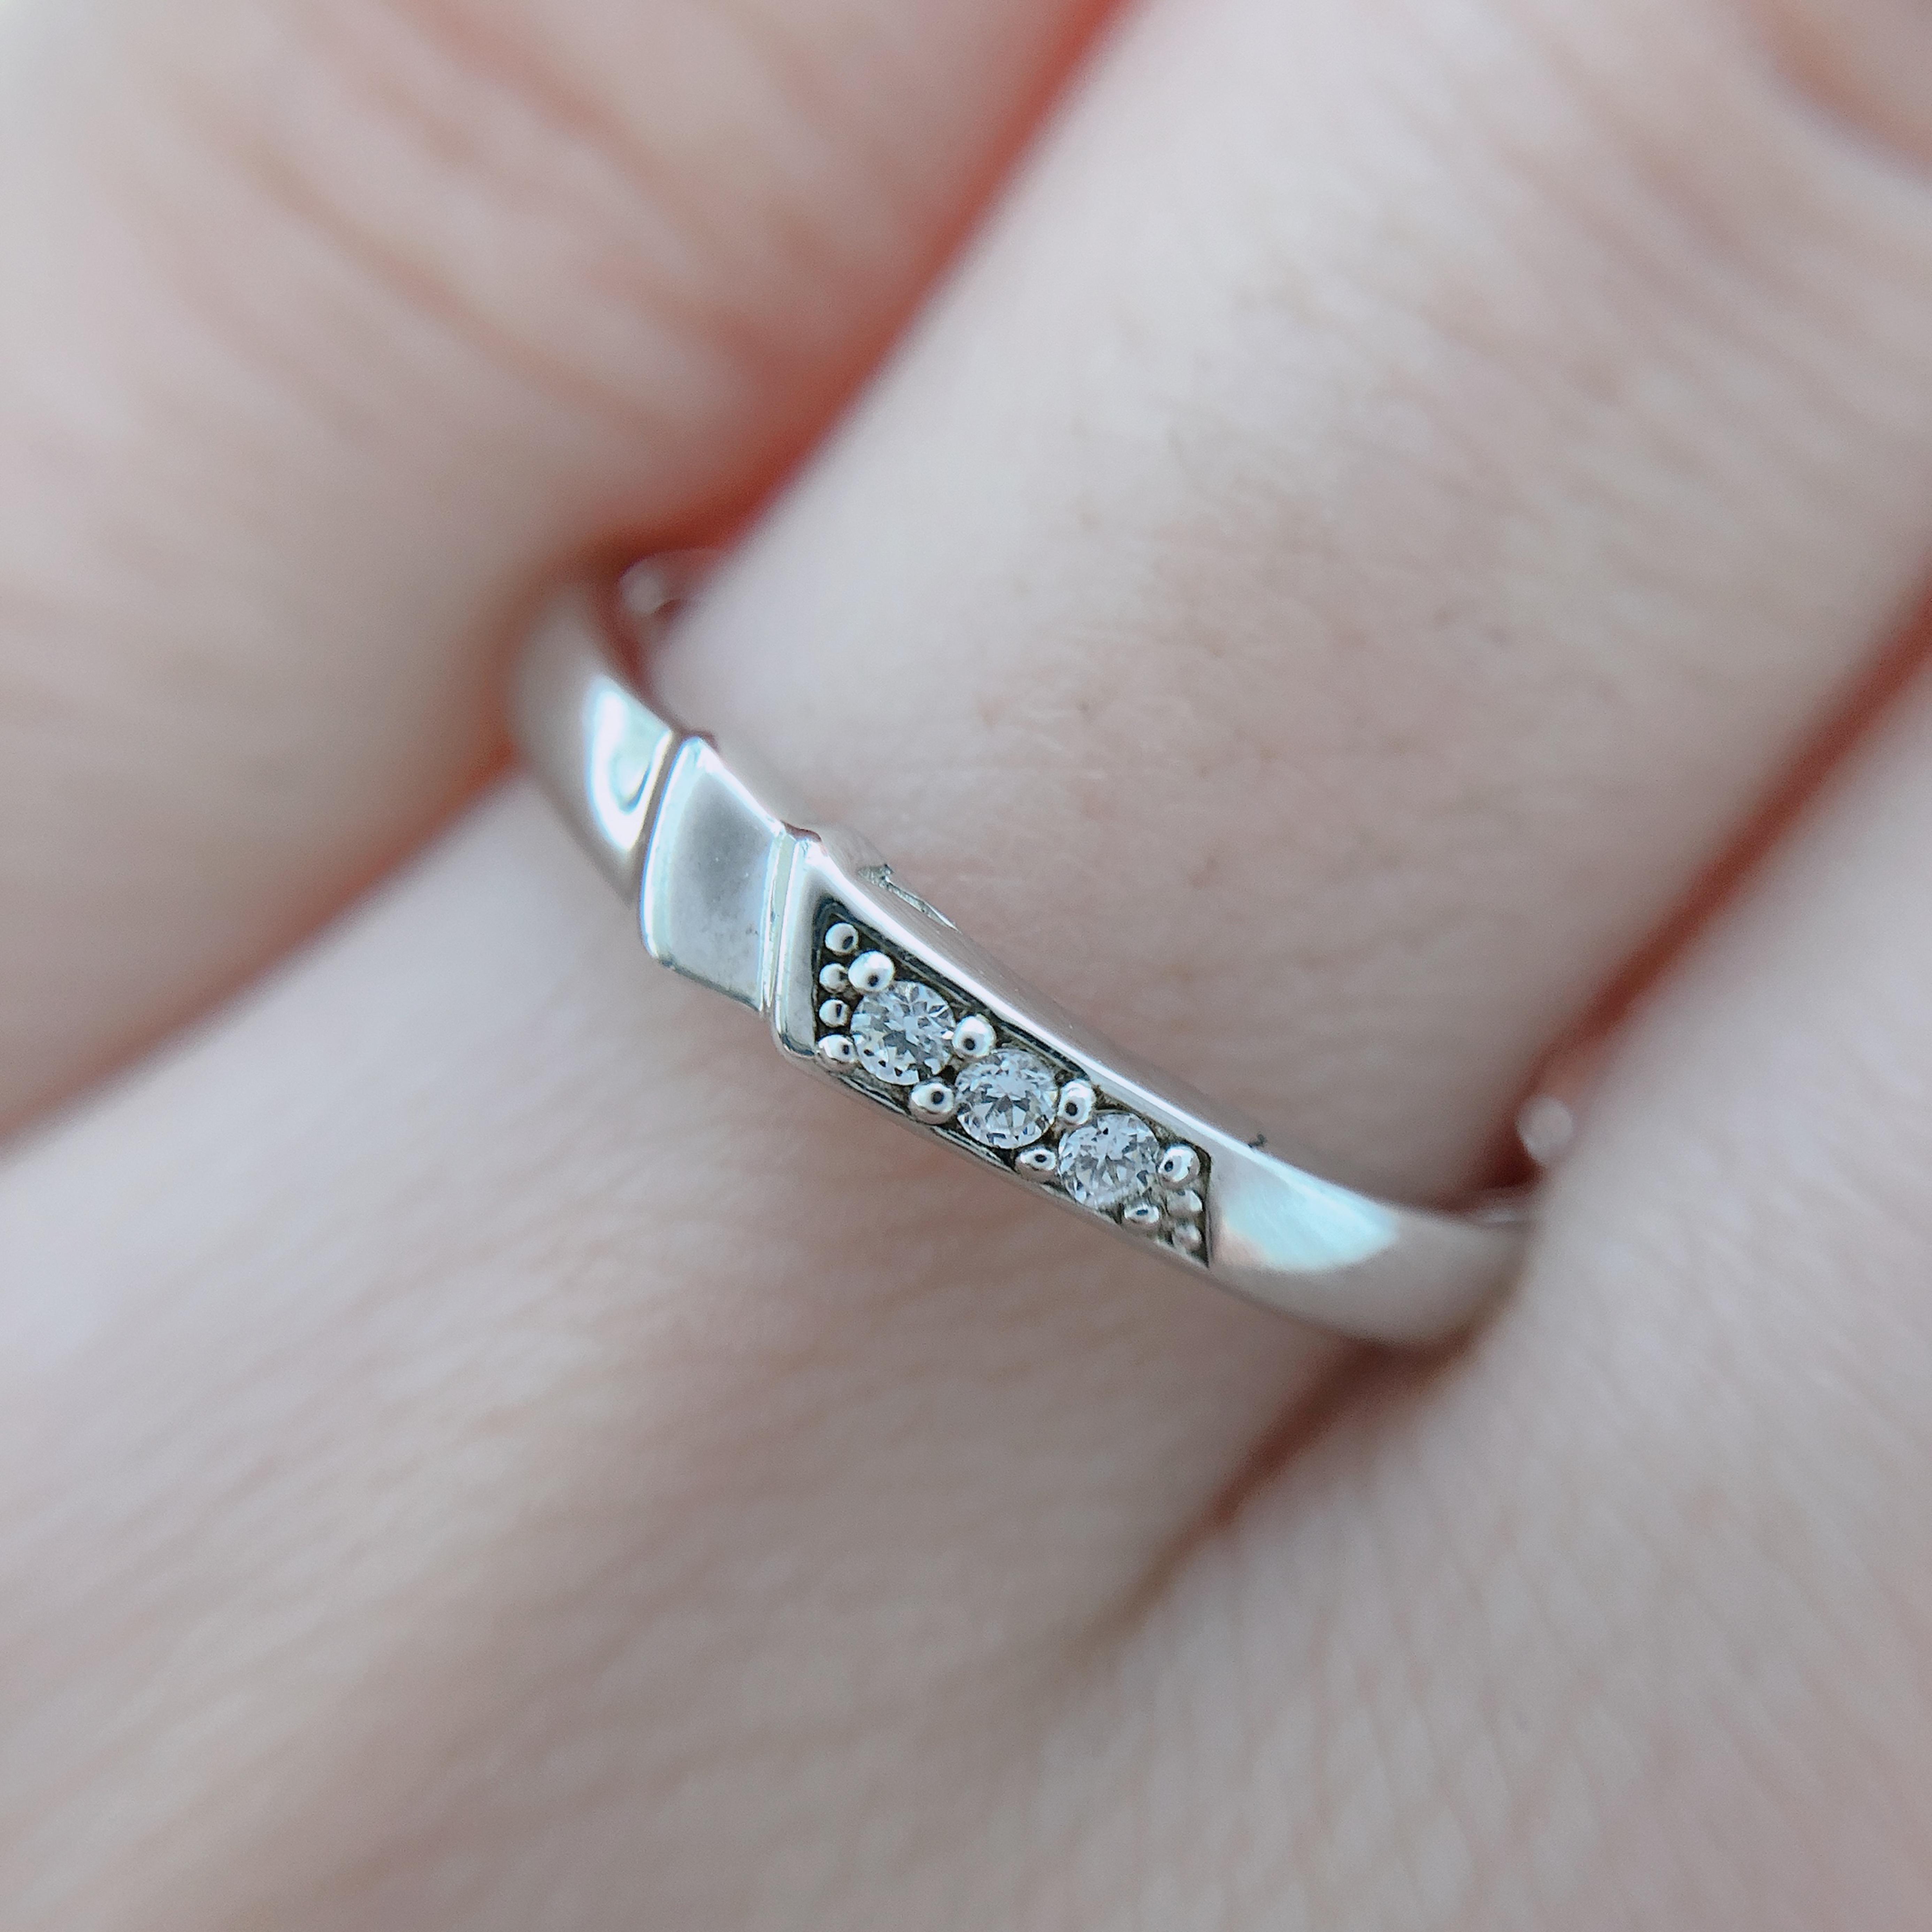 ダイヤモンド三粒が綺麗に輝きます!